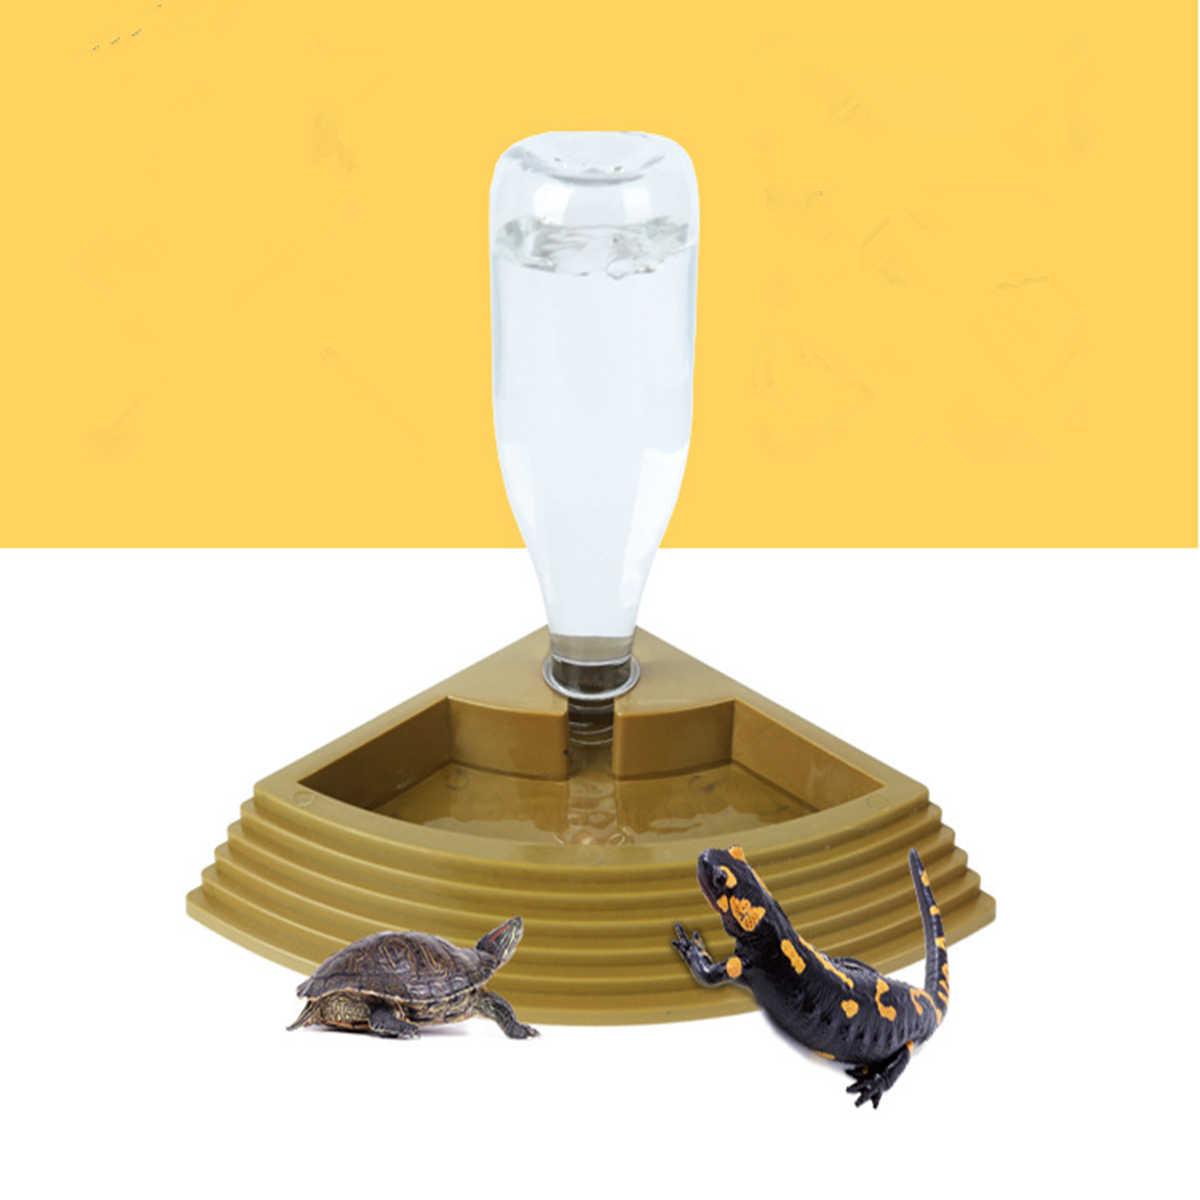 สัตว์เลี้ยงเต่าน้ำดื่มจานชามเต่าสัตว์เลื้อยคลานแมวสุนัขหม้ออุปกรณ์สีดำ 450 มิลลิลิตร